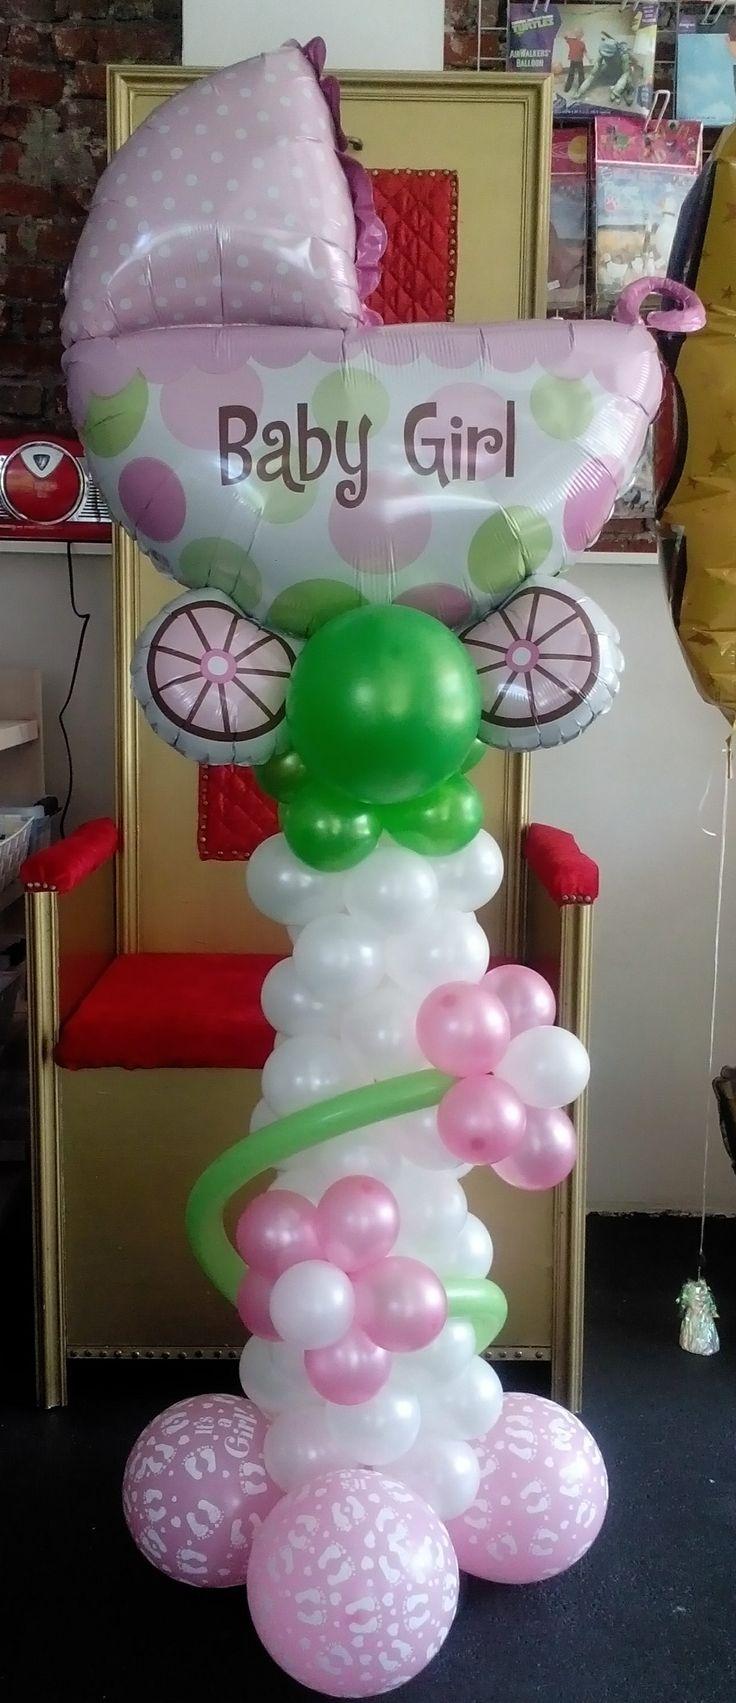 Balloon Columns, Balloon Balloon, Baby Shower Balloons, Baby Shower  Decorations, Baby Gifts, Torres, Globe Decor, Bows, Baby Presents